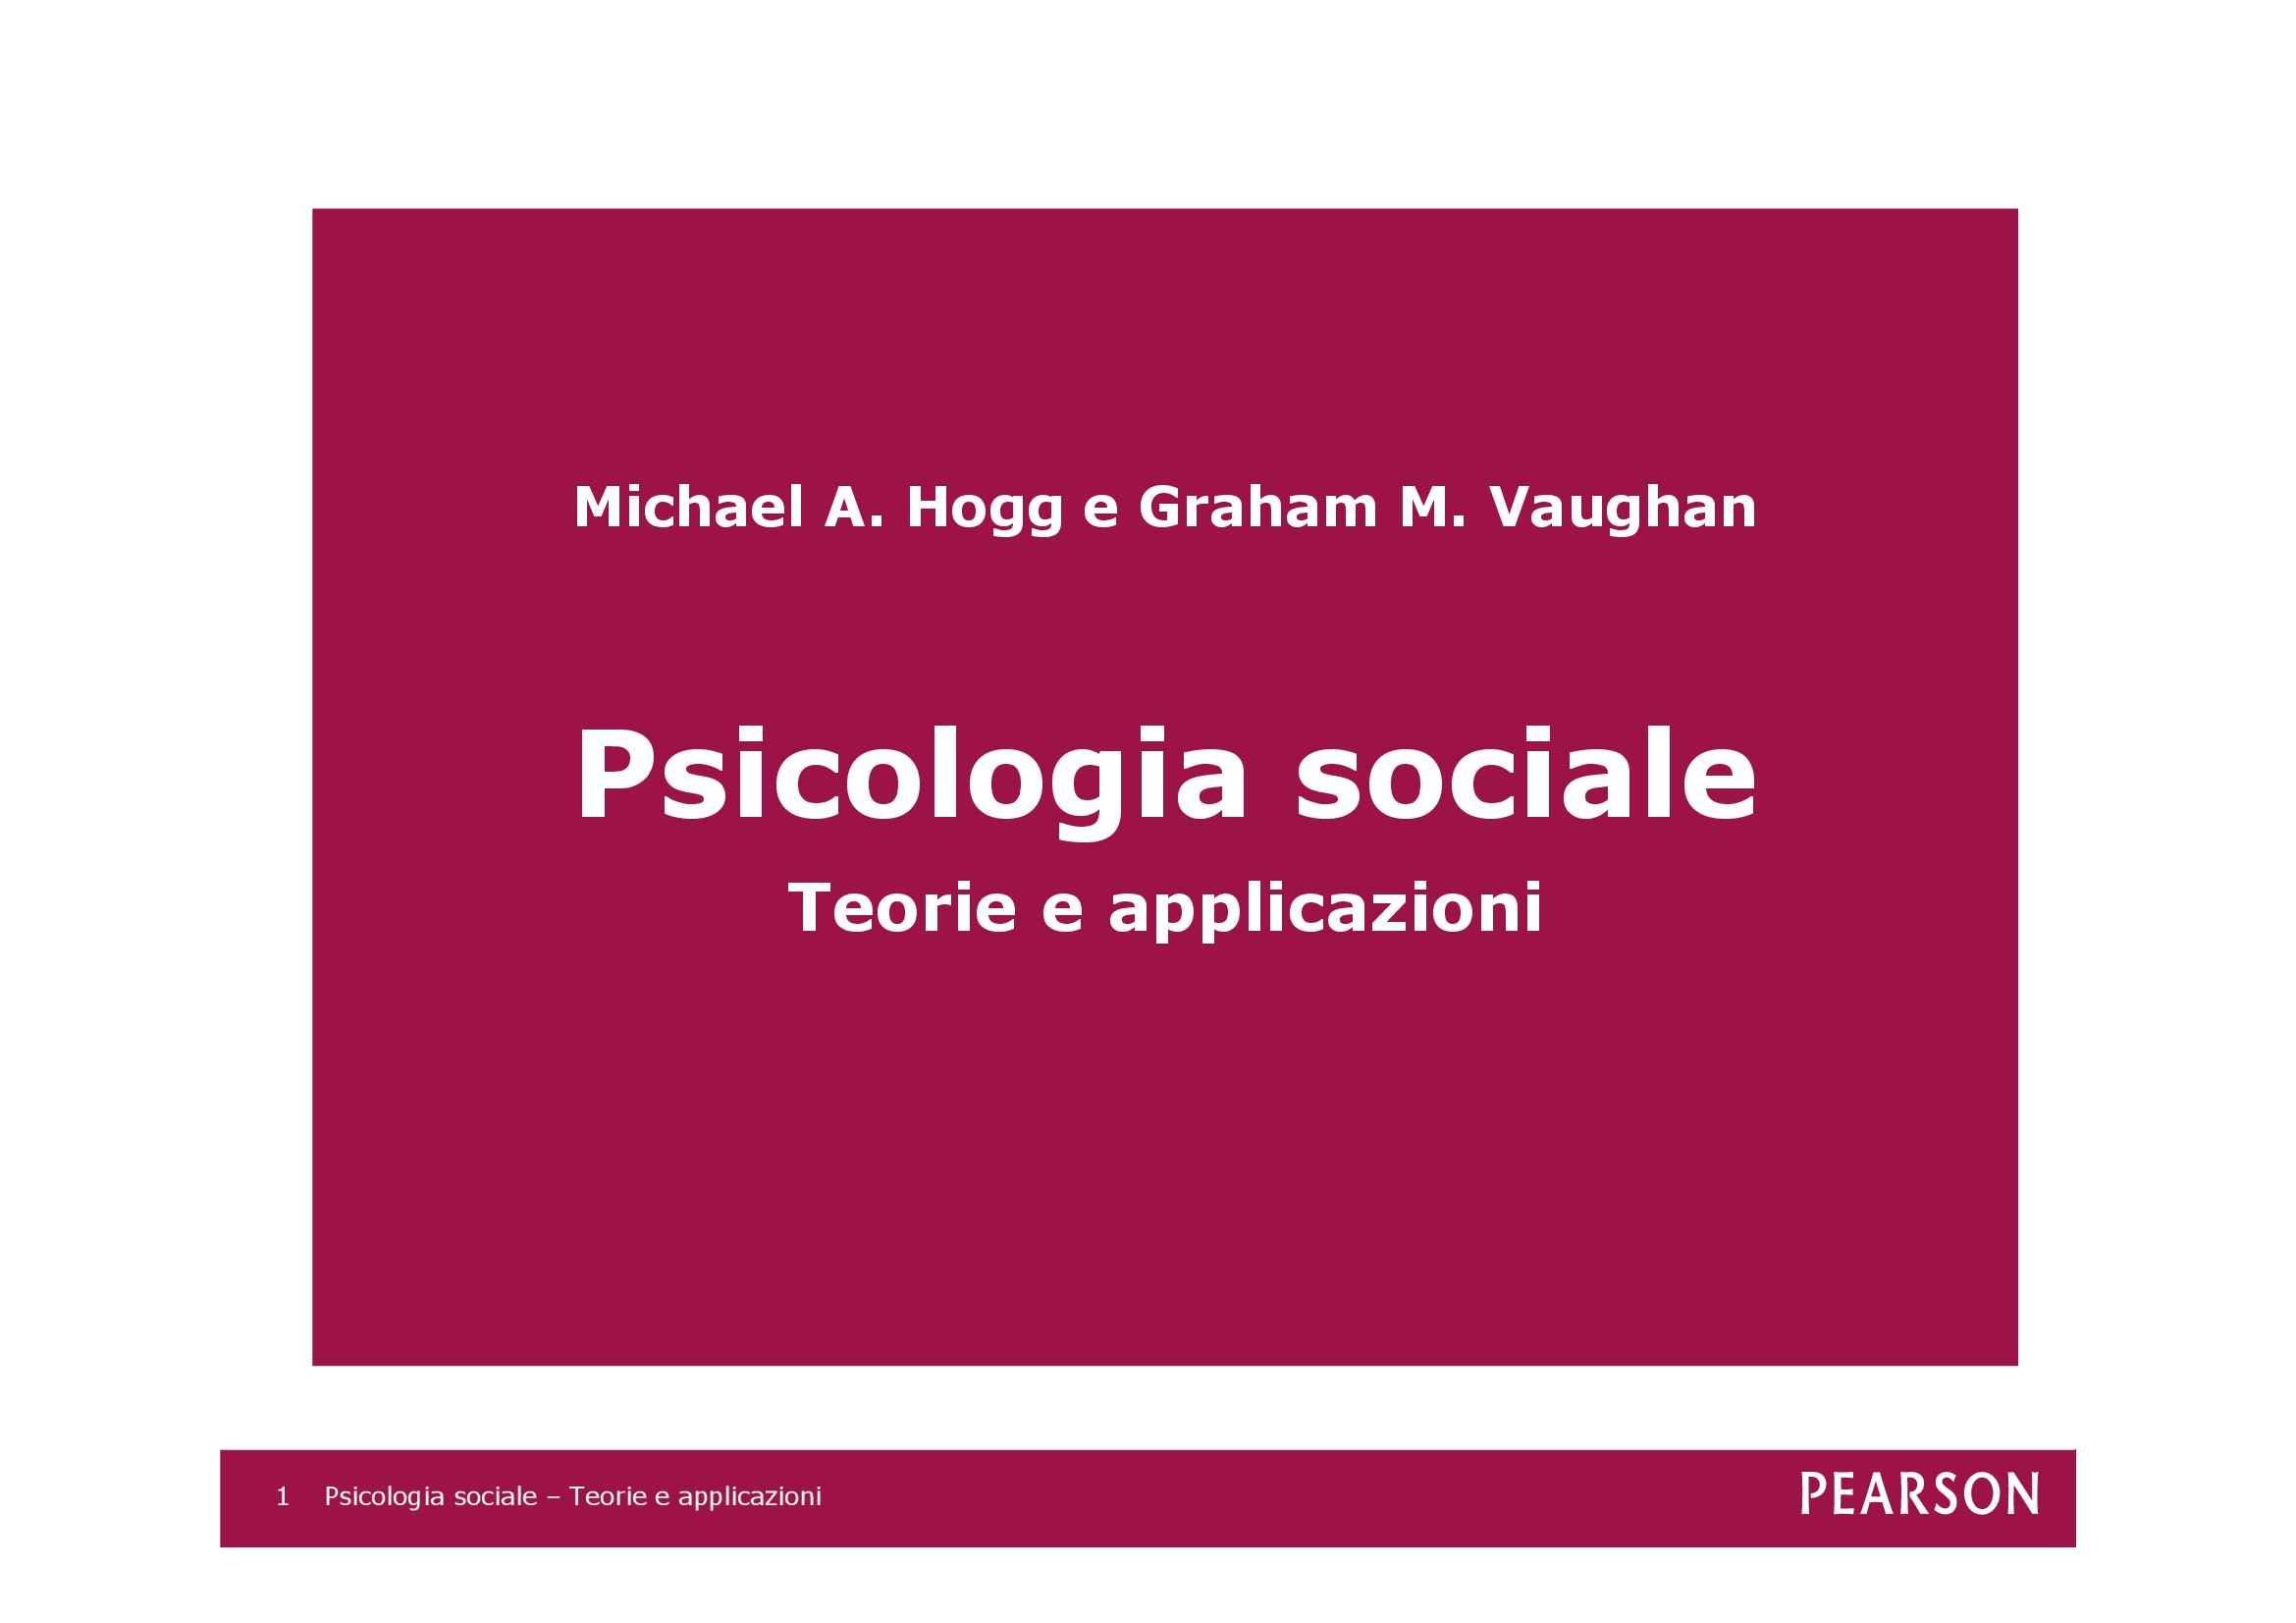 Psicologia sociale - Elementi